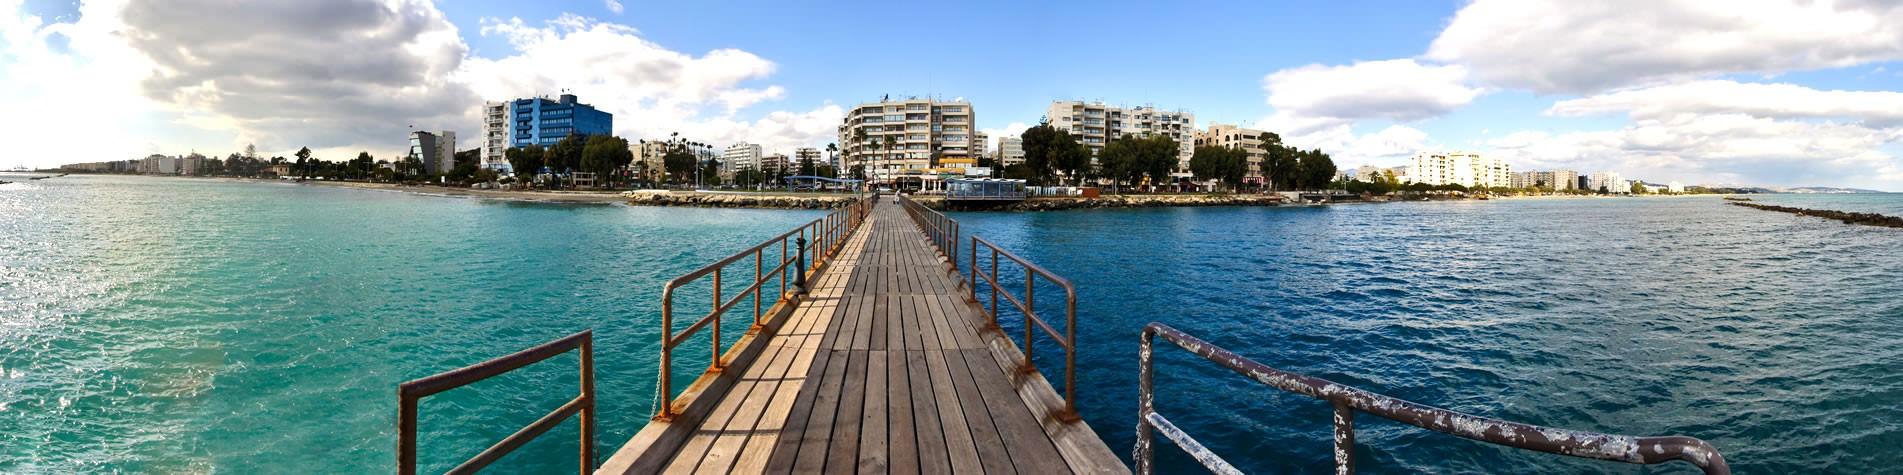 Stunning Limassol Holidays